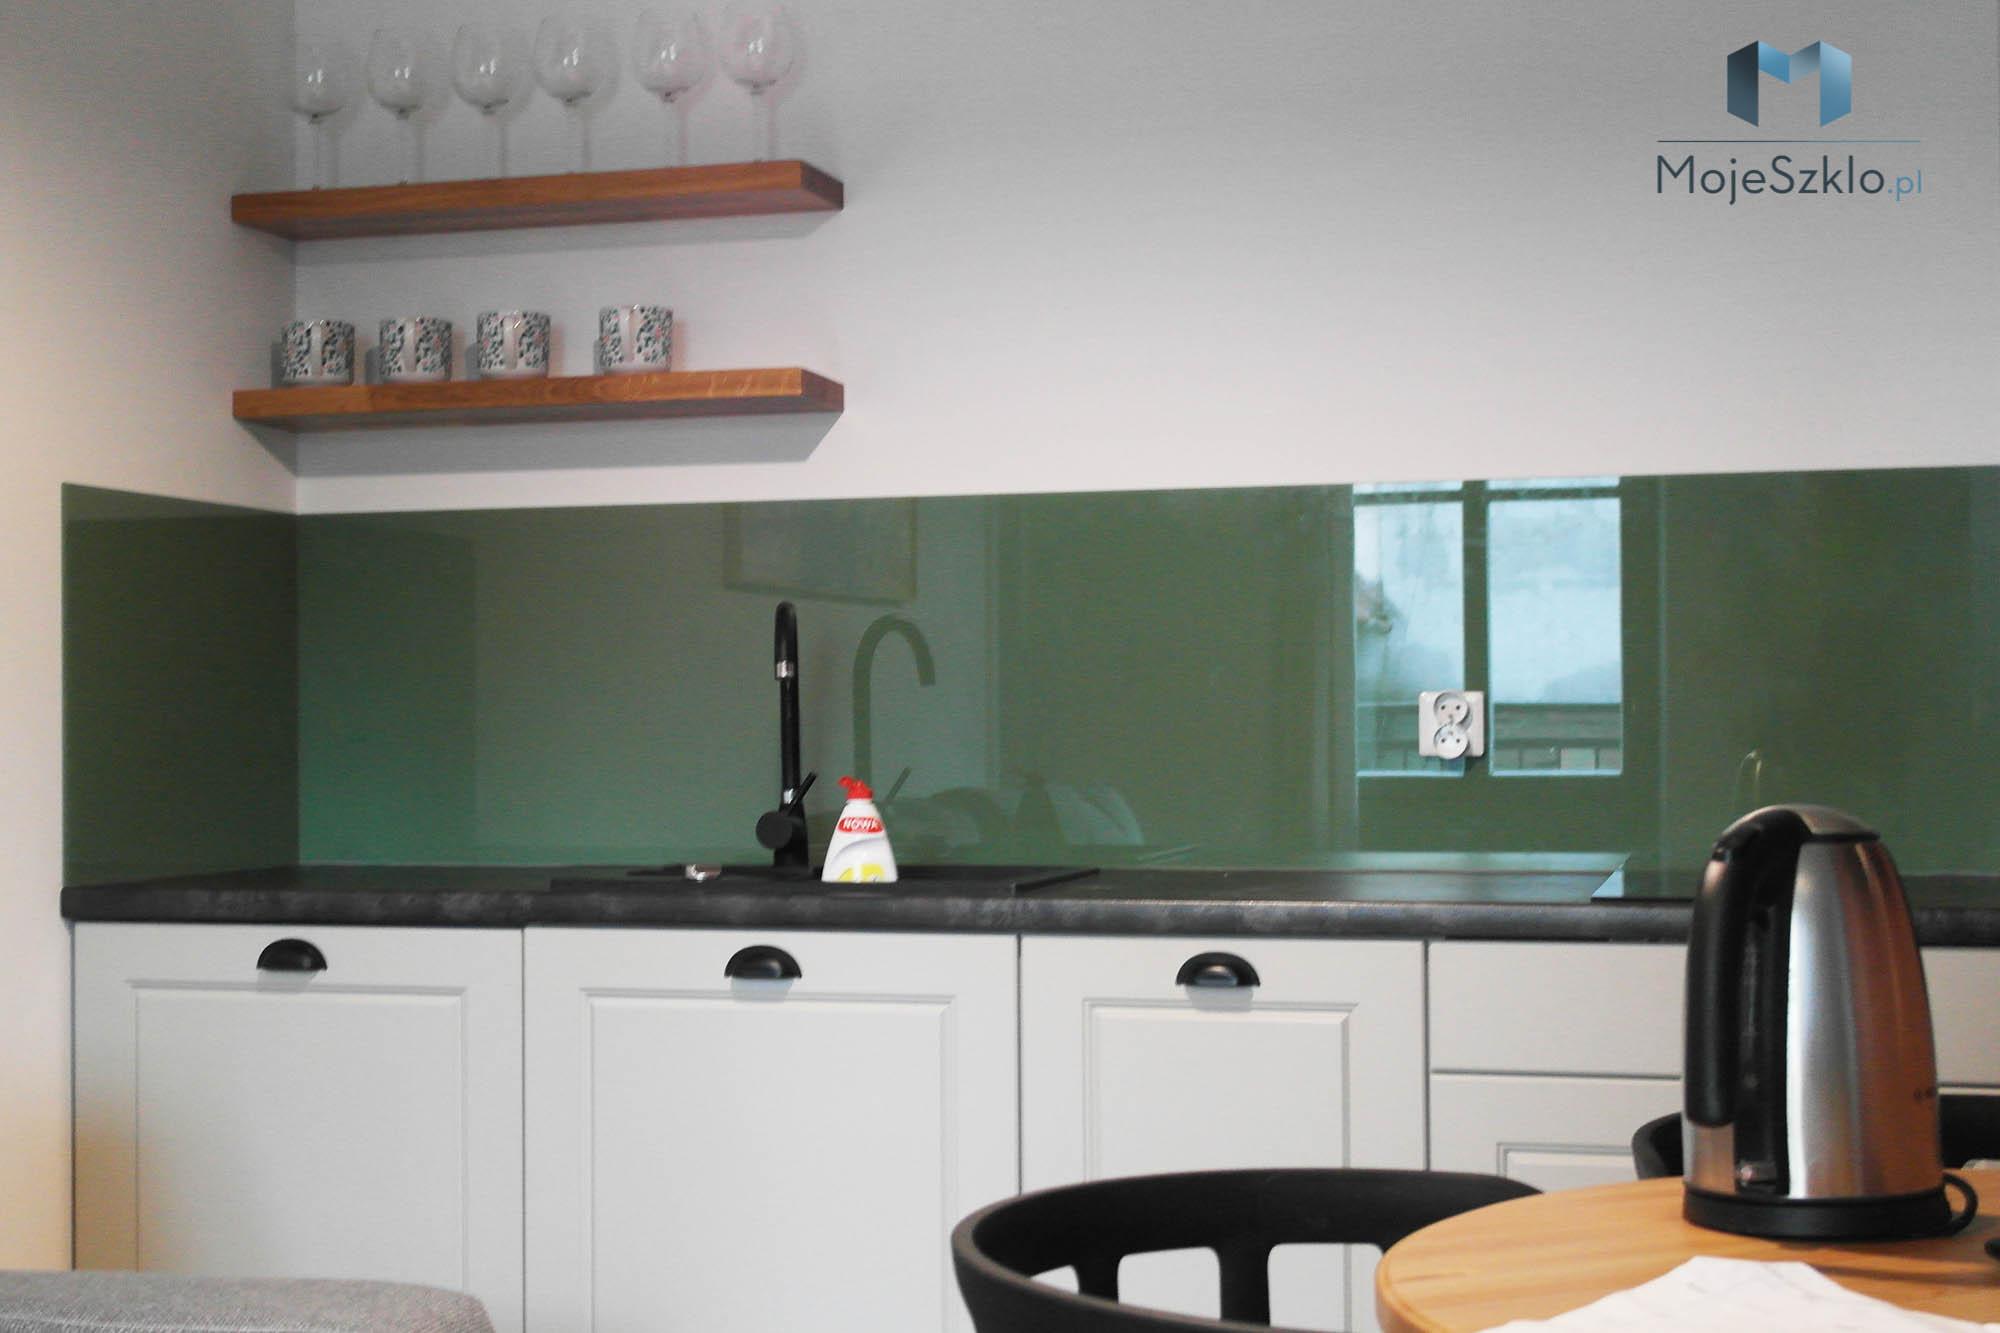 Lacobel Kuchnia Zielen Dzungli 0667 - Lacobel kolory. Wzornik dostępnych odcieni